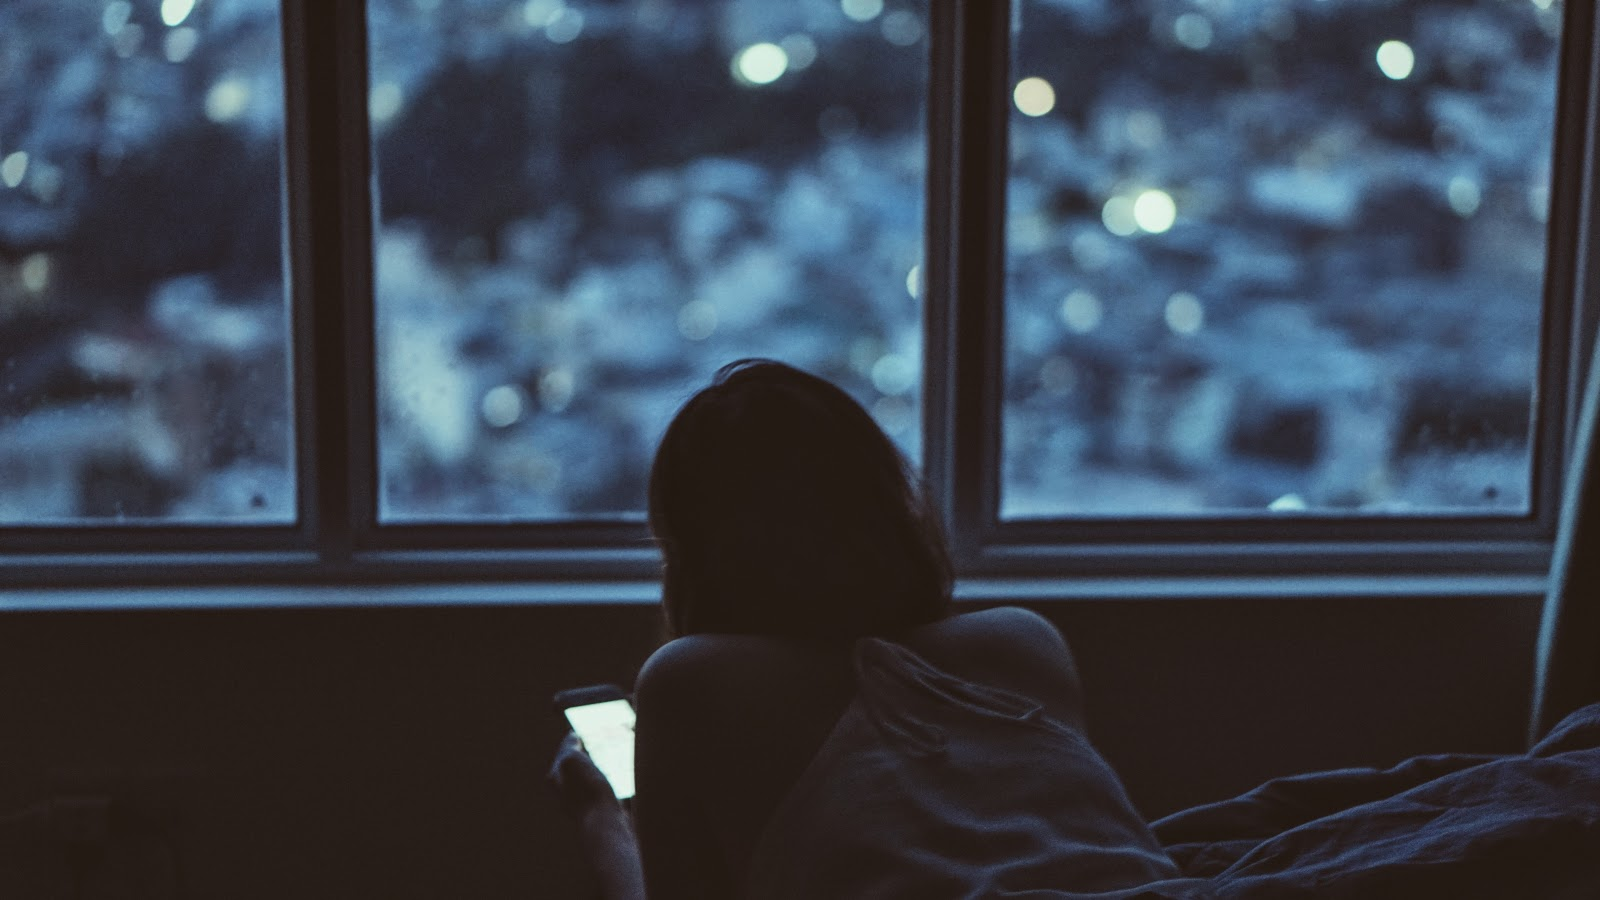 夜の暗い部屋でスマホを使っている少女